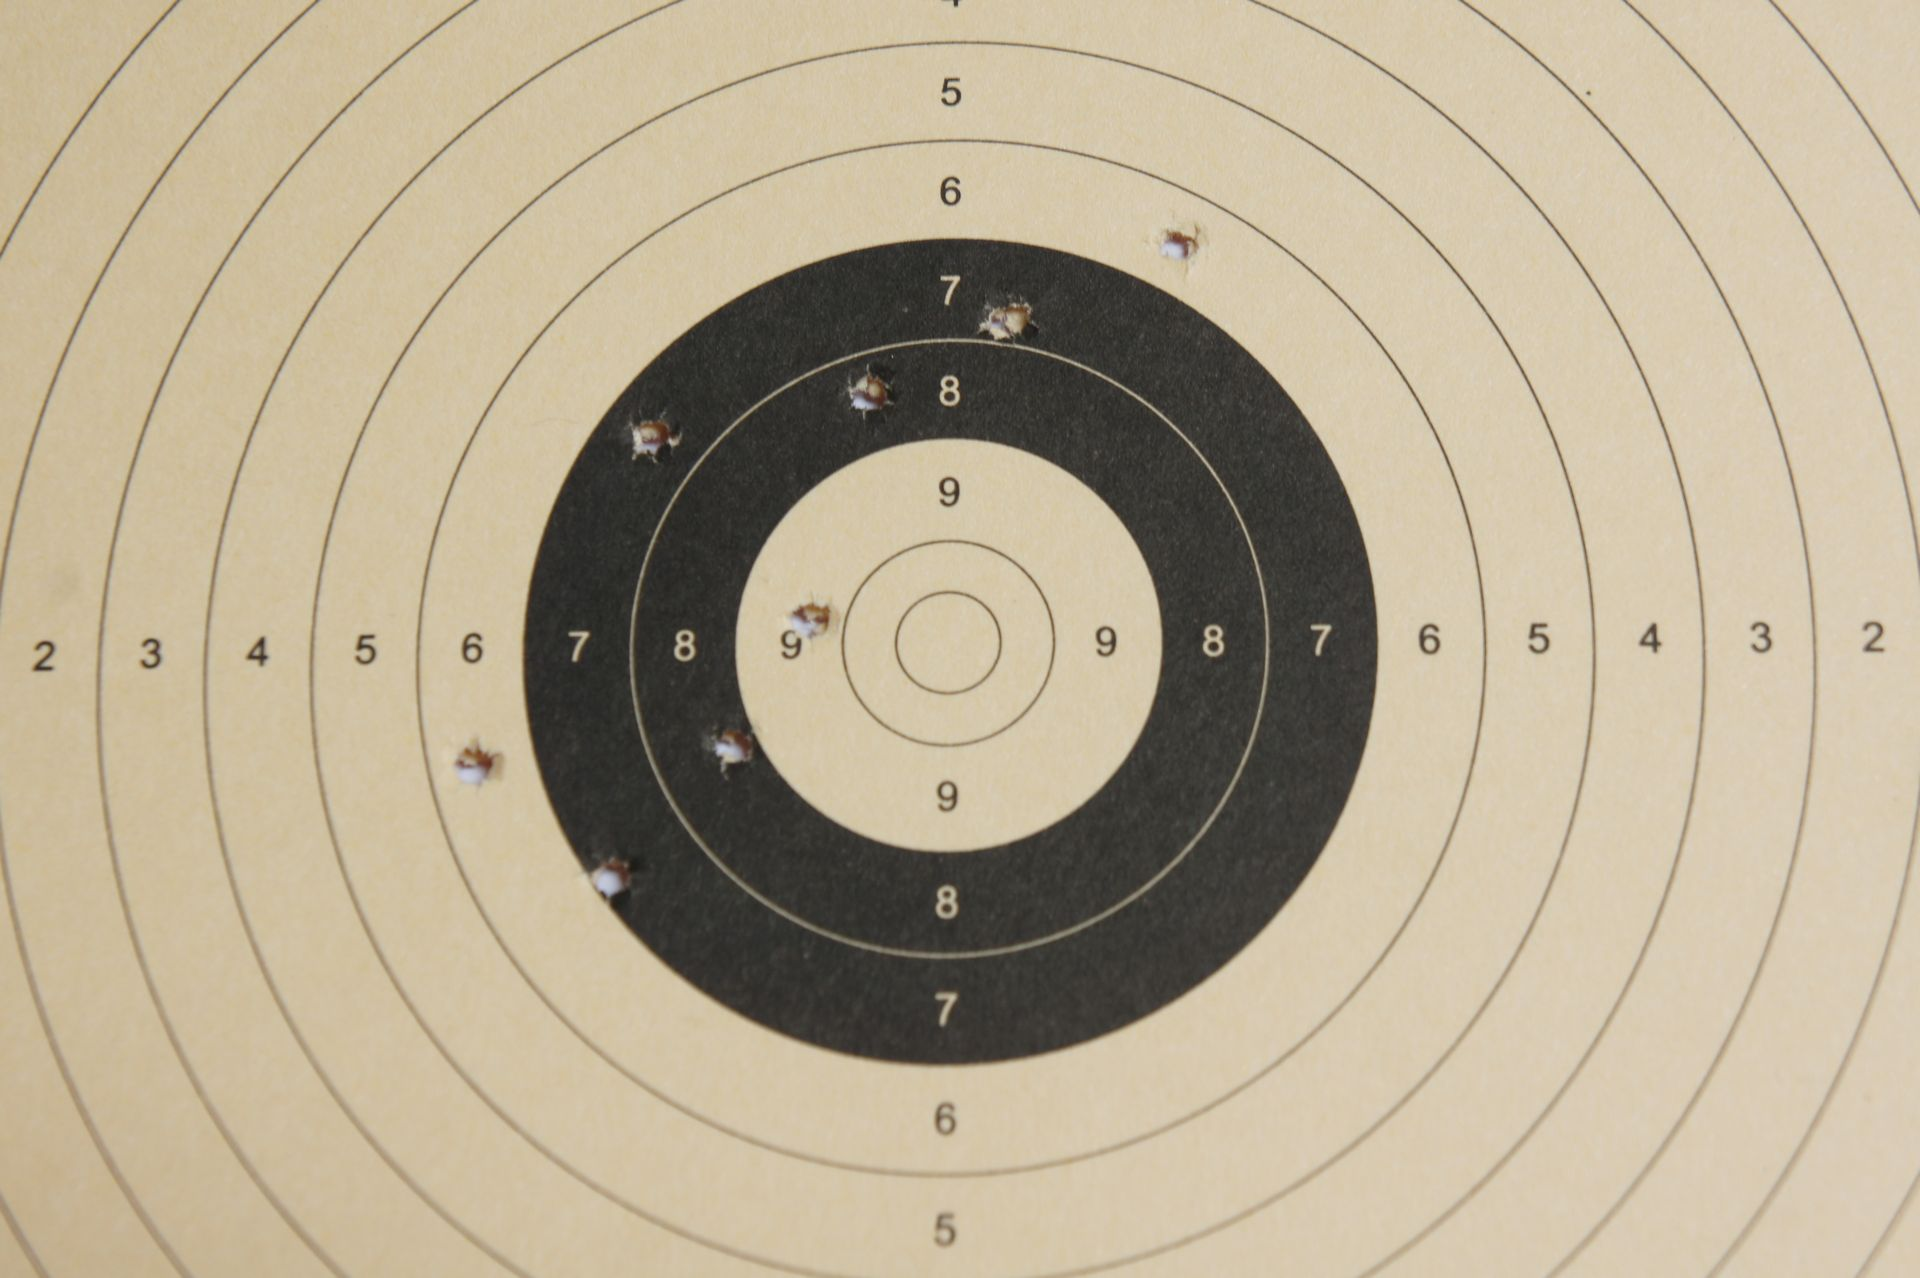 Ein Trefferbild der CO2 Pistole auf 6m mit BB- Stahlkugeln (8 Schuss)